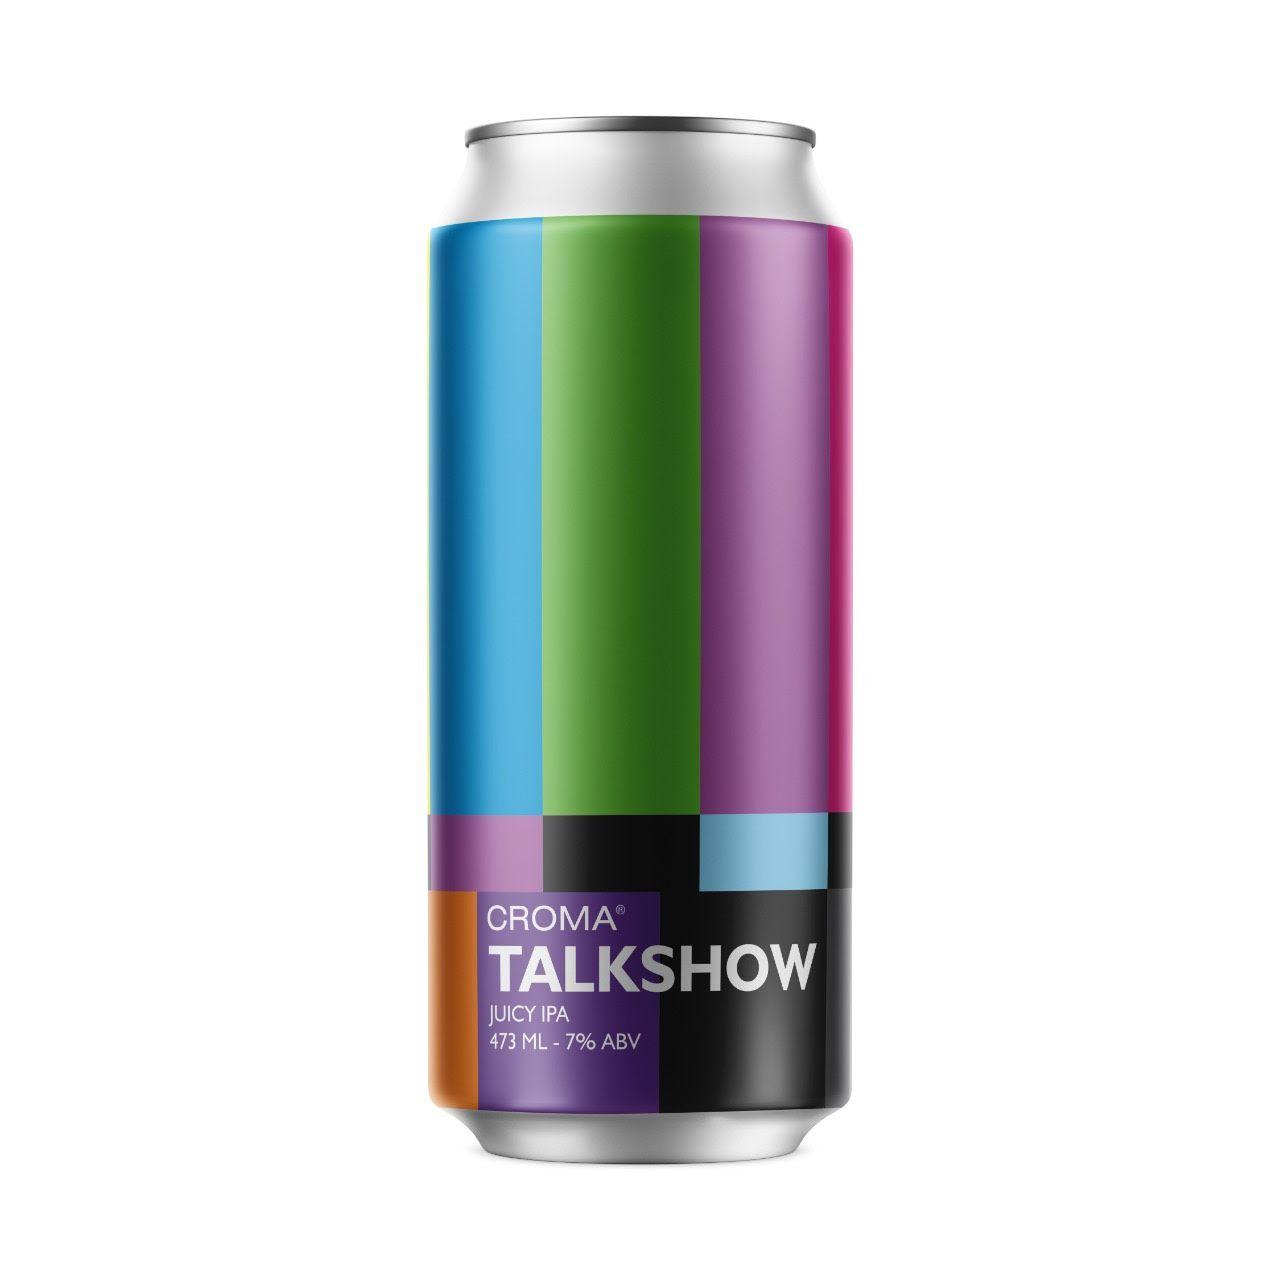 Croma Talkshow  juicy IPA 473ml